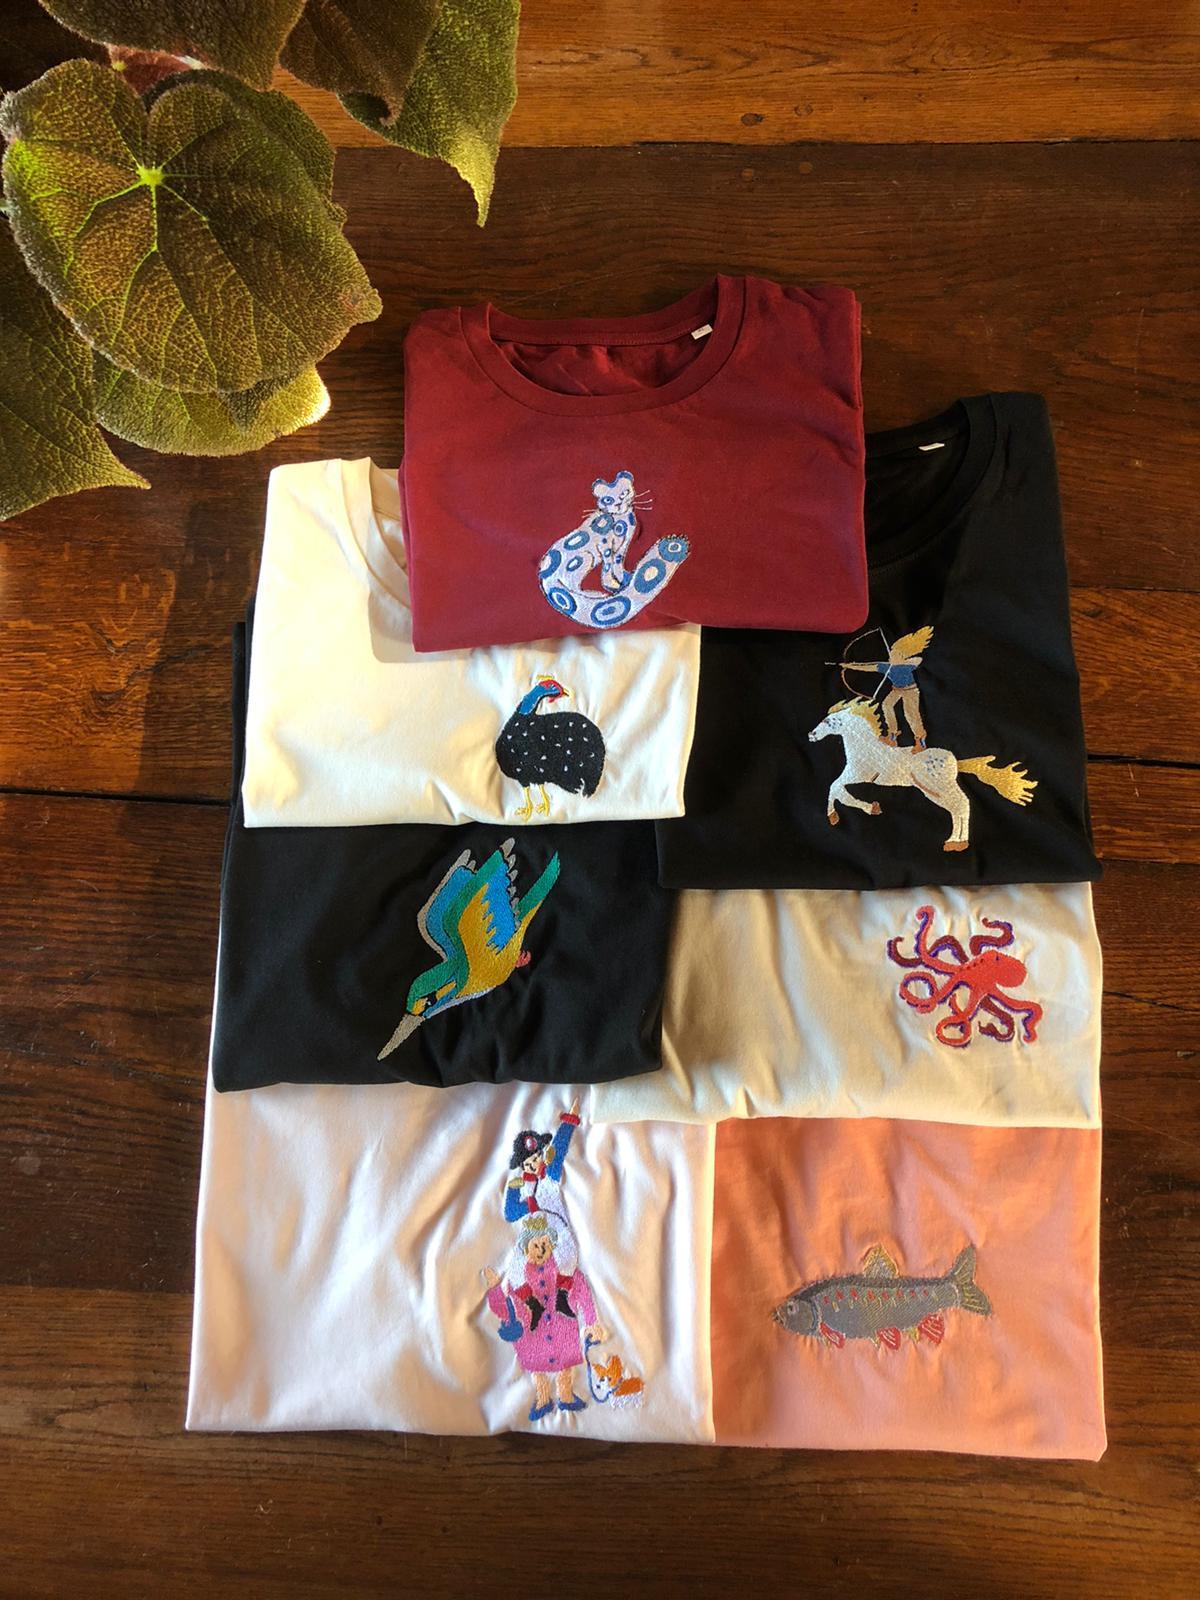 Teeshirt selection